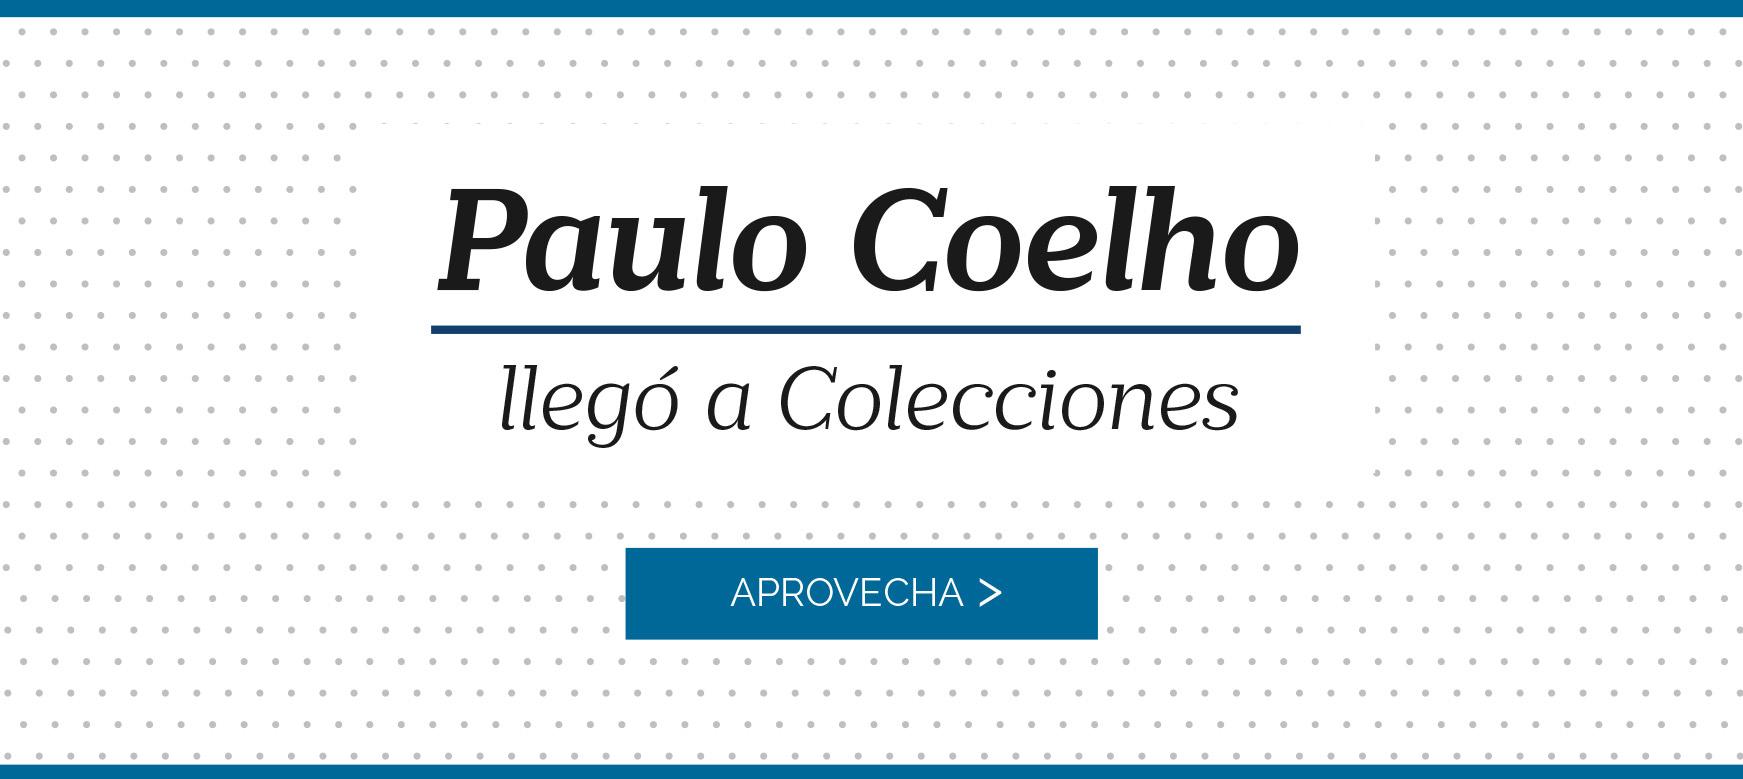 Paulo Coelho llegó a Colecciones